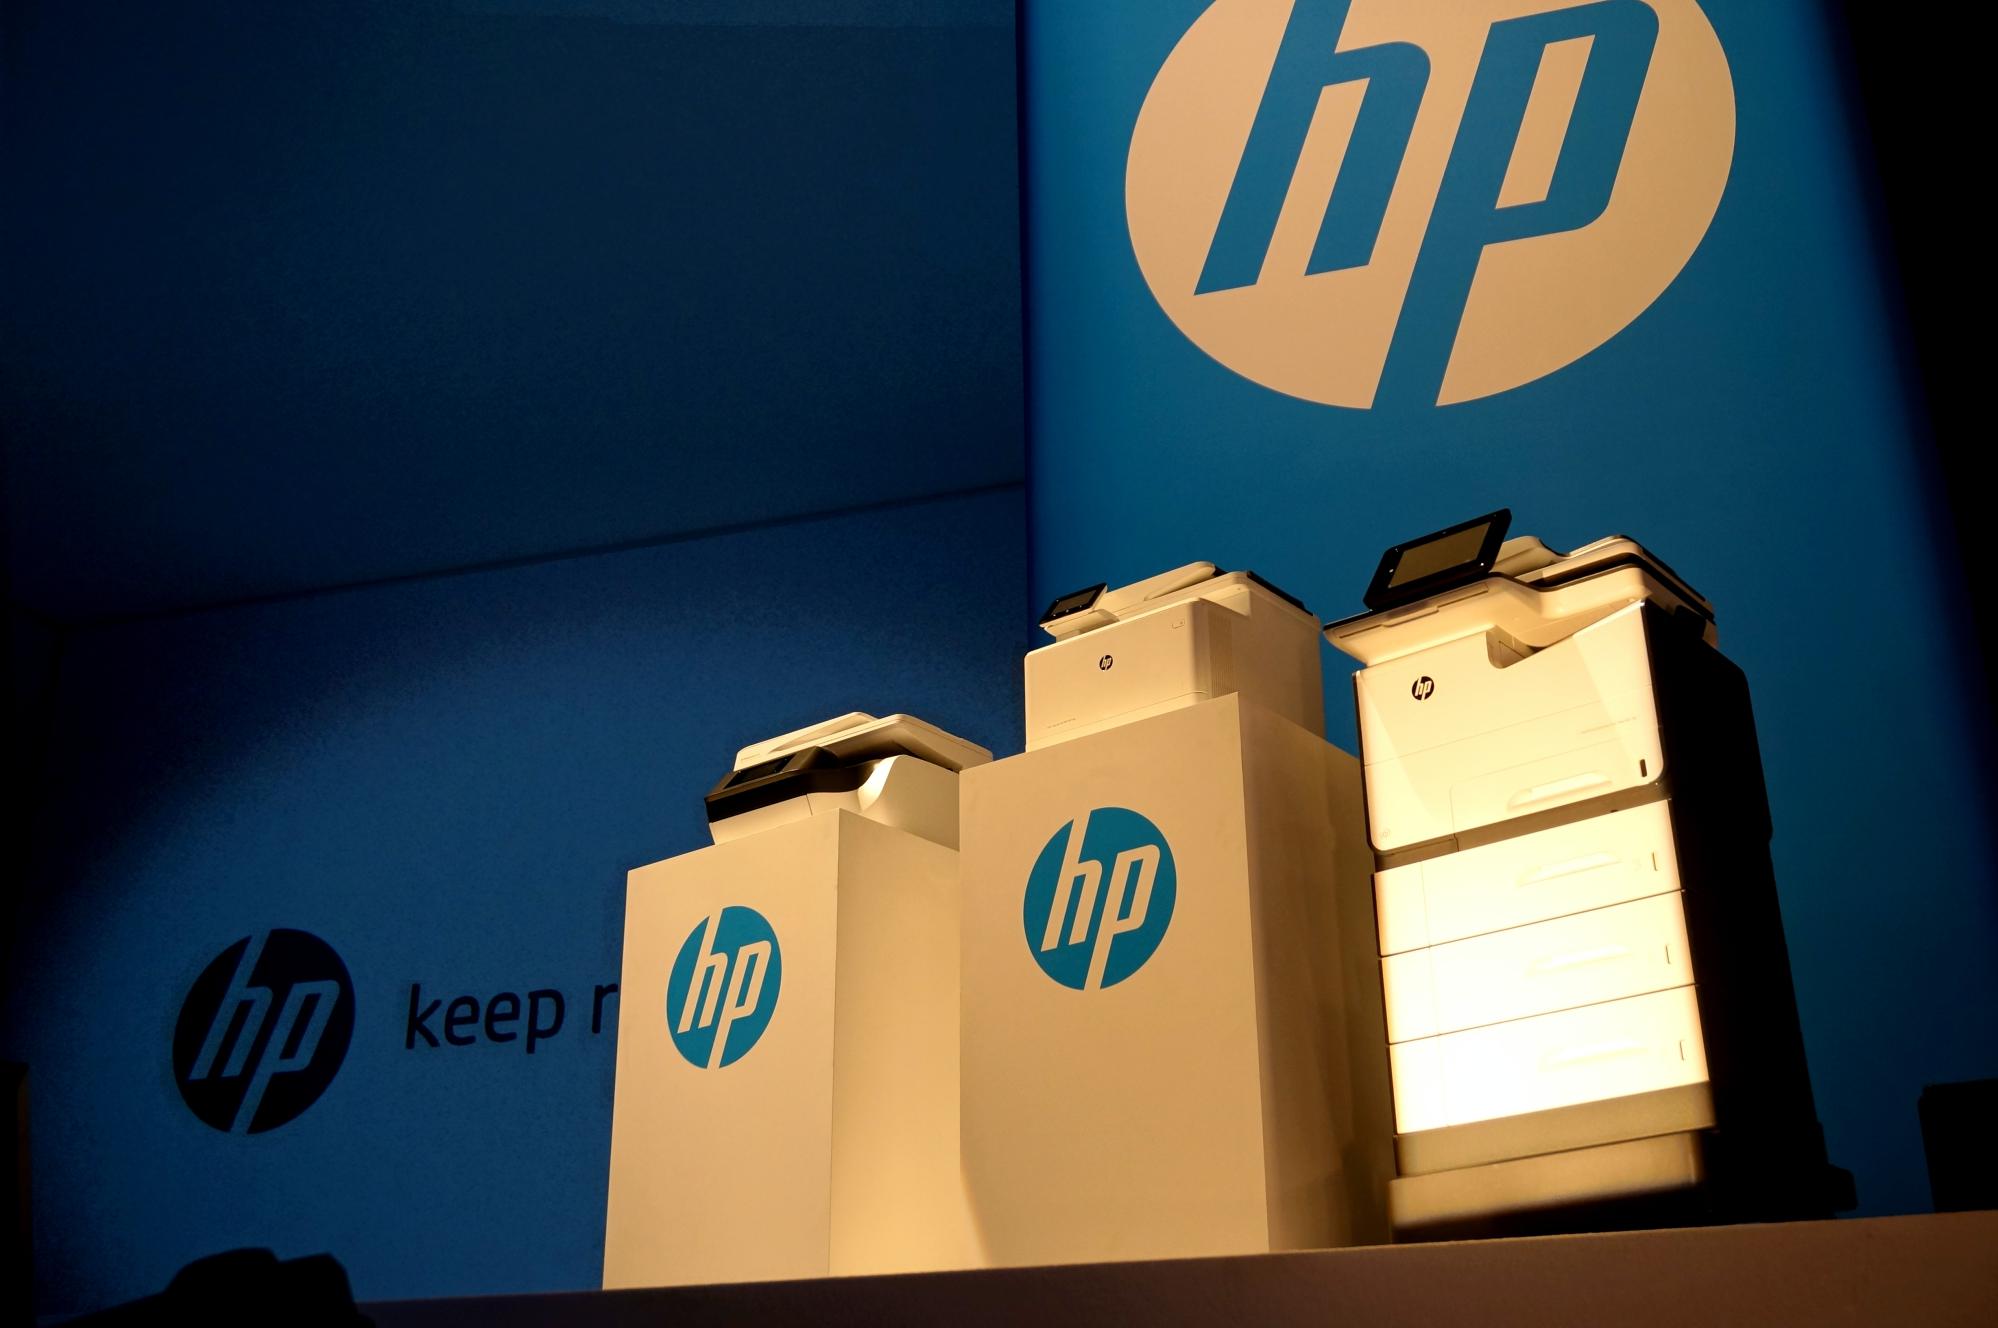 Wysychający tusz to mit. HP ma plan, jak wykosić konkurencję w firmach